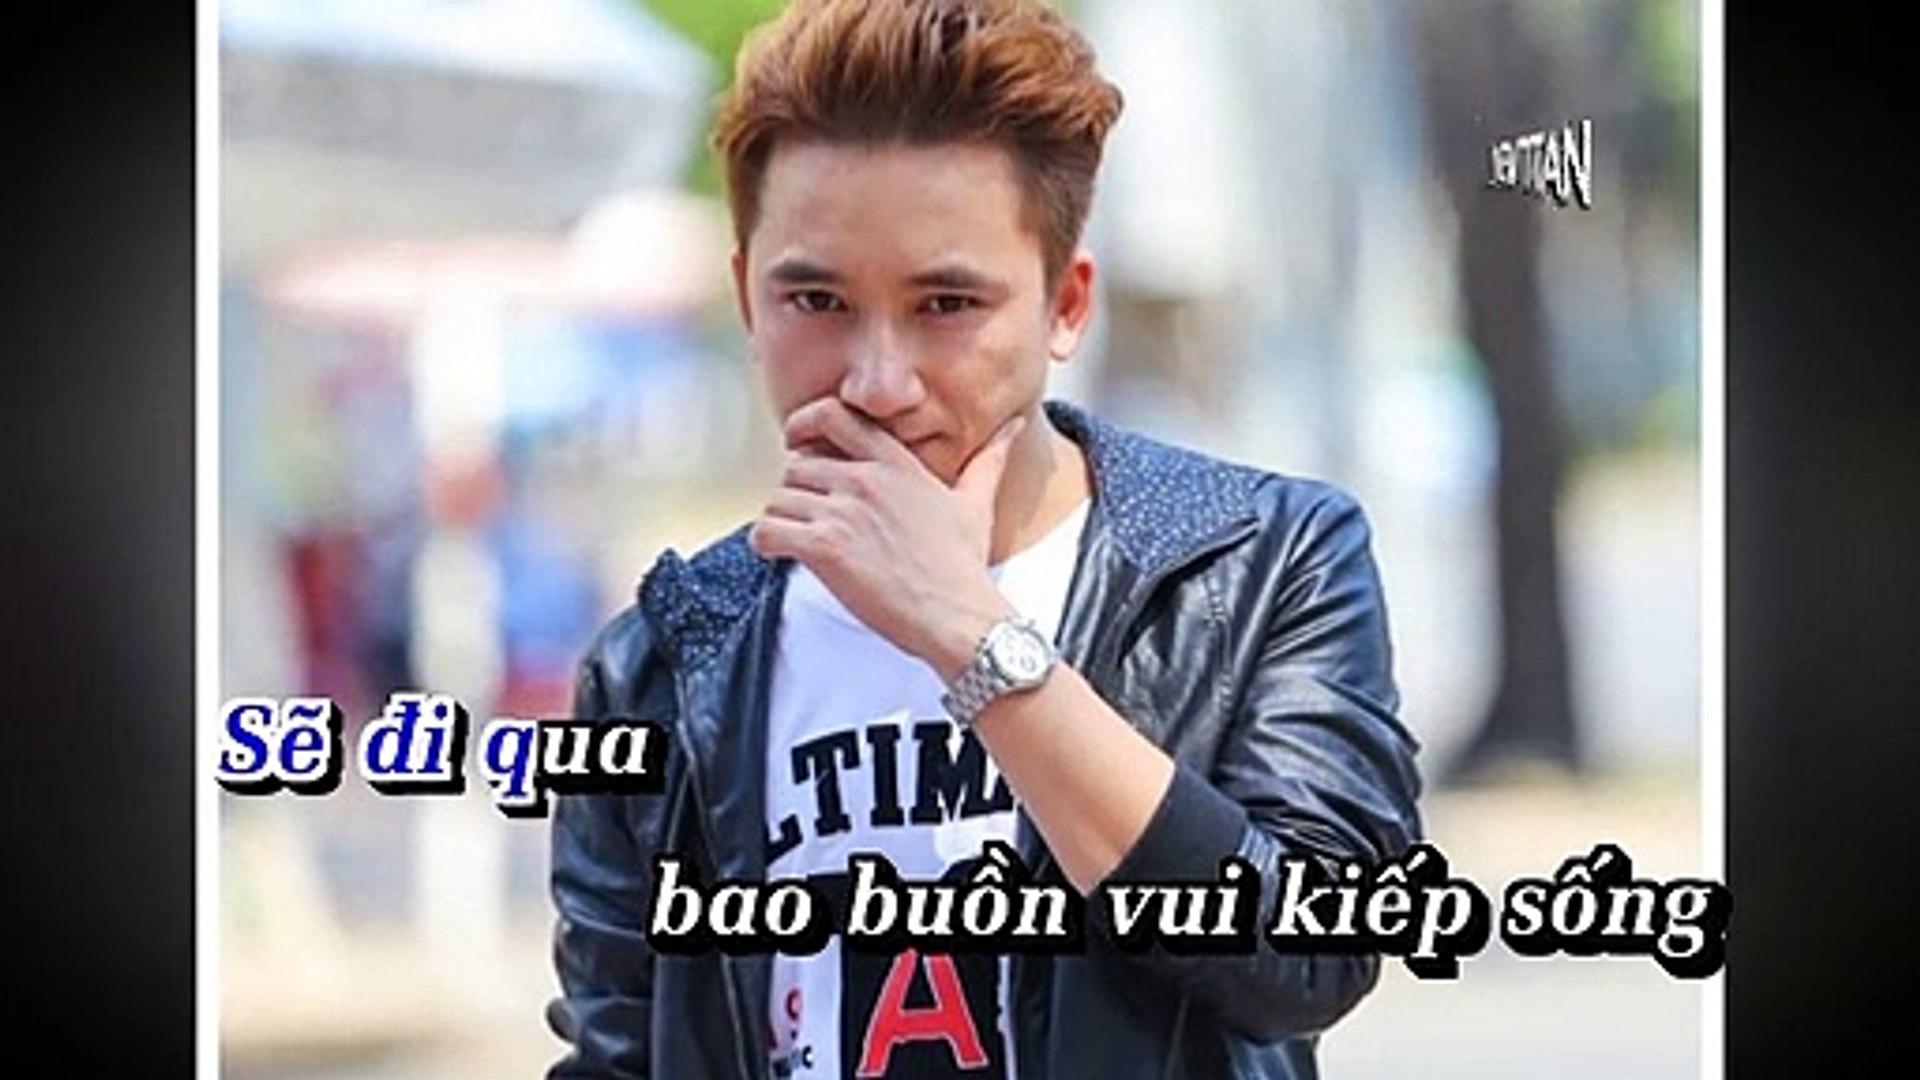 [Karaoke] Hồi Ức - Phan Mạnh Quỳnh [Beat]